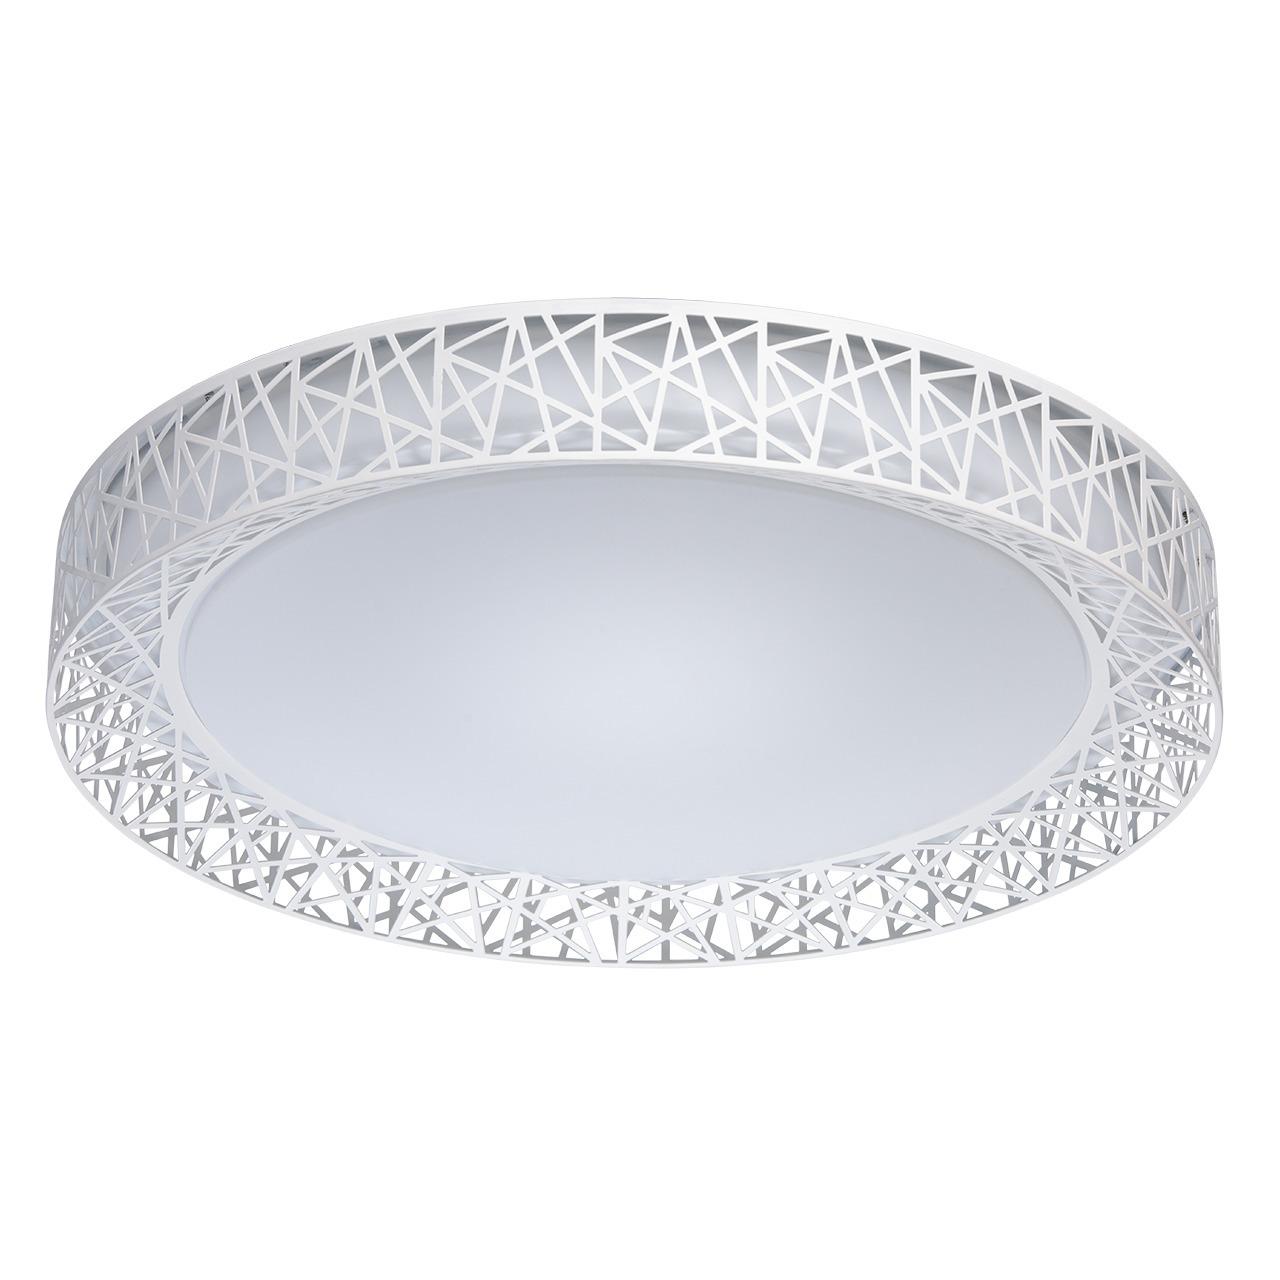 Люстра светодиодная, потолочная Ривз 36W LED 220 V